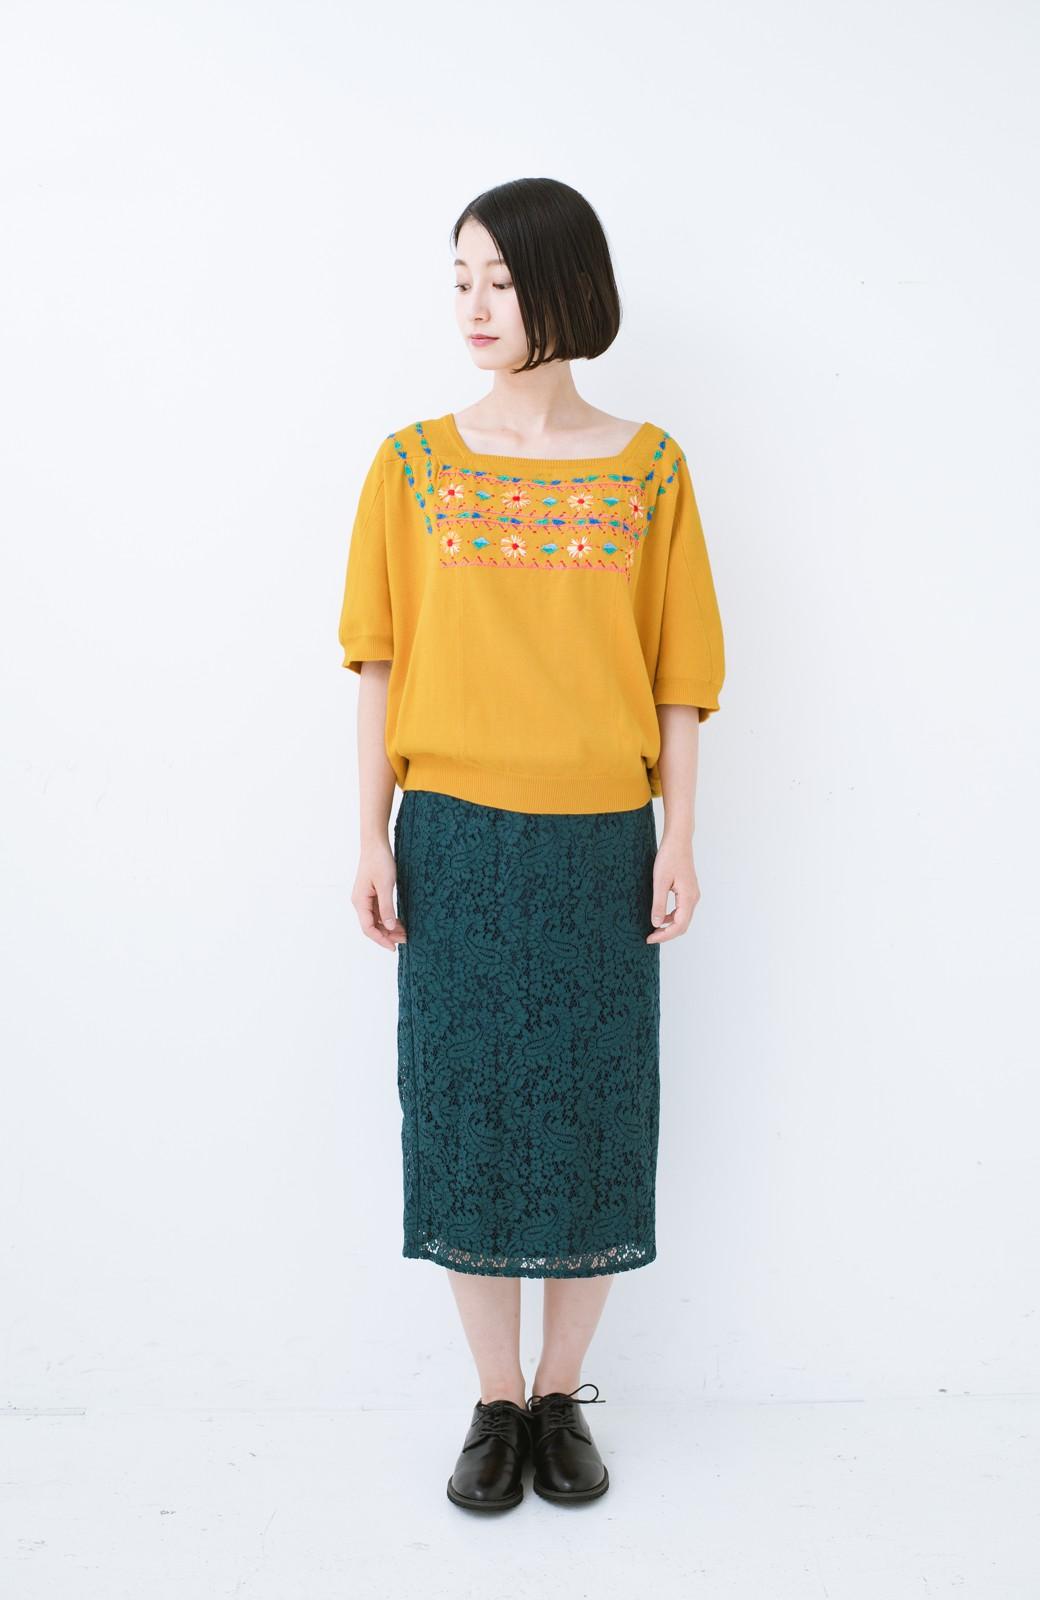 haco! Stitch by Stitch 首回りがきれいに見える色とりどりの刺繍のスクエアニット <イエロー>の商品写真6